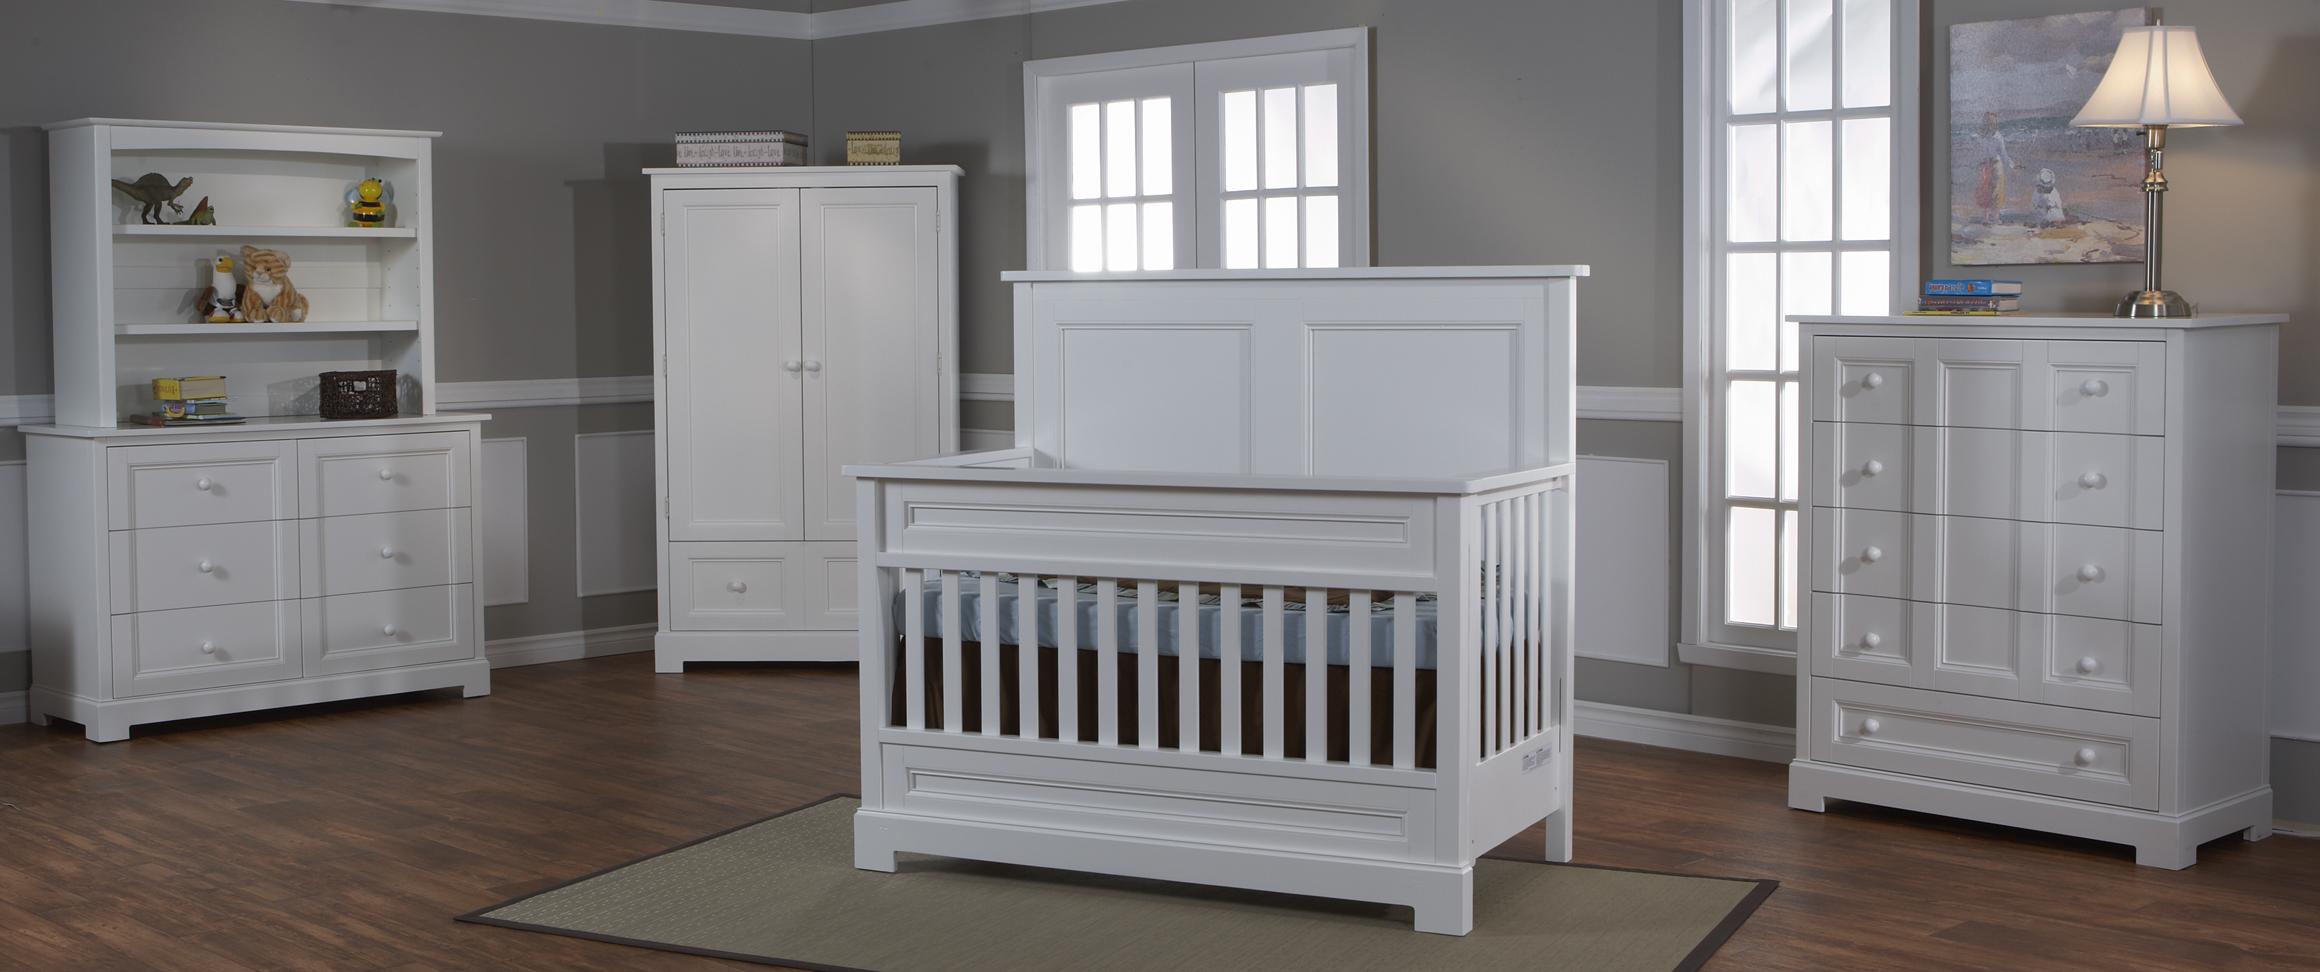 Ensemble meuble chambre bébé - Idées de tricot gratuit